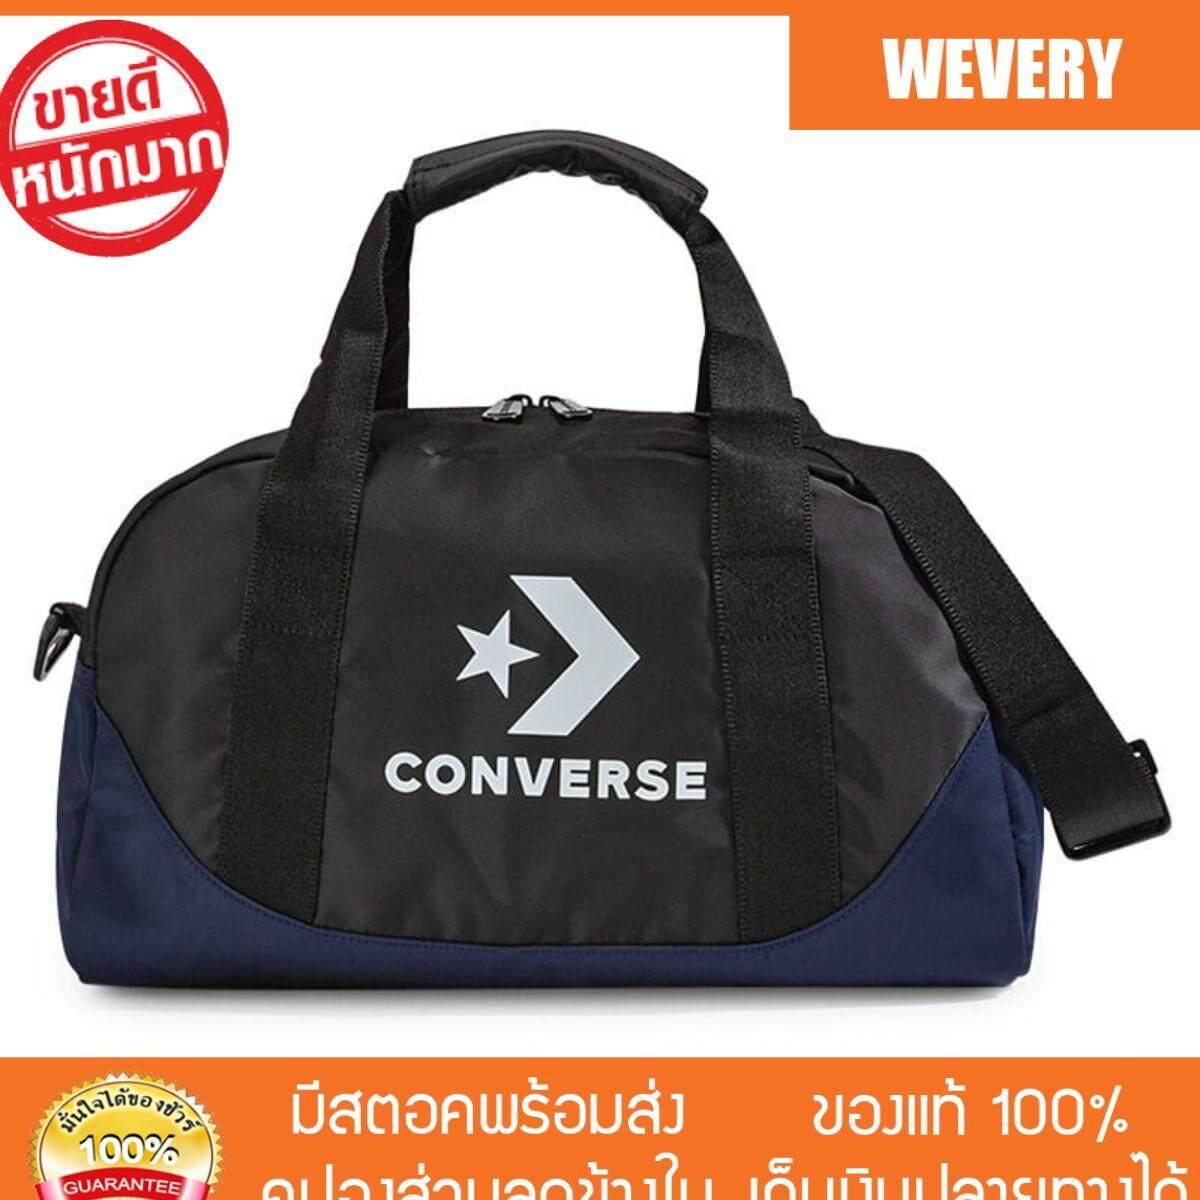 เก็บเงินปลายทางได้ [Wevery]- คอนเวิร์ส กระเป๋าสะพายไซส์ใหญ่ รุ่น Nylon Two Tone สีเทา กระเป๋าแฟชั่น กระเป๋าผู้หญิง กระเป๋าแบรนเนม กระเป๋าสะพาย กระเป๋าสะพายconverse กระเป๋าเดินทาง ส่ง Kerry เก็บปลายทาง